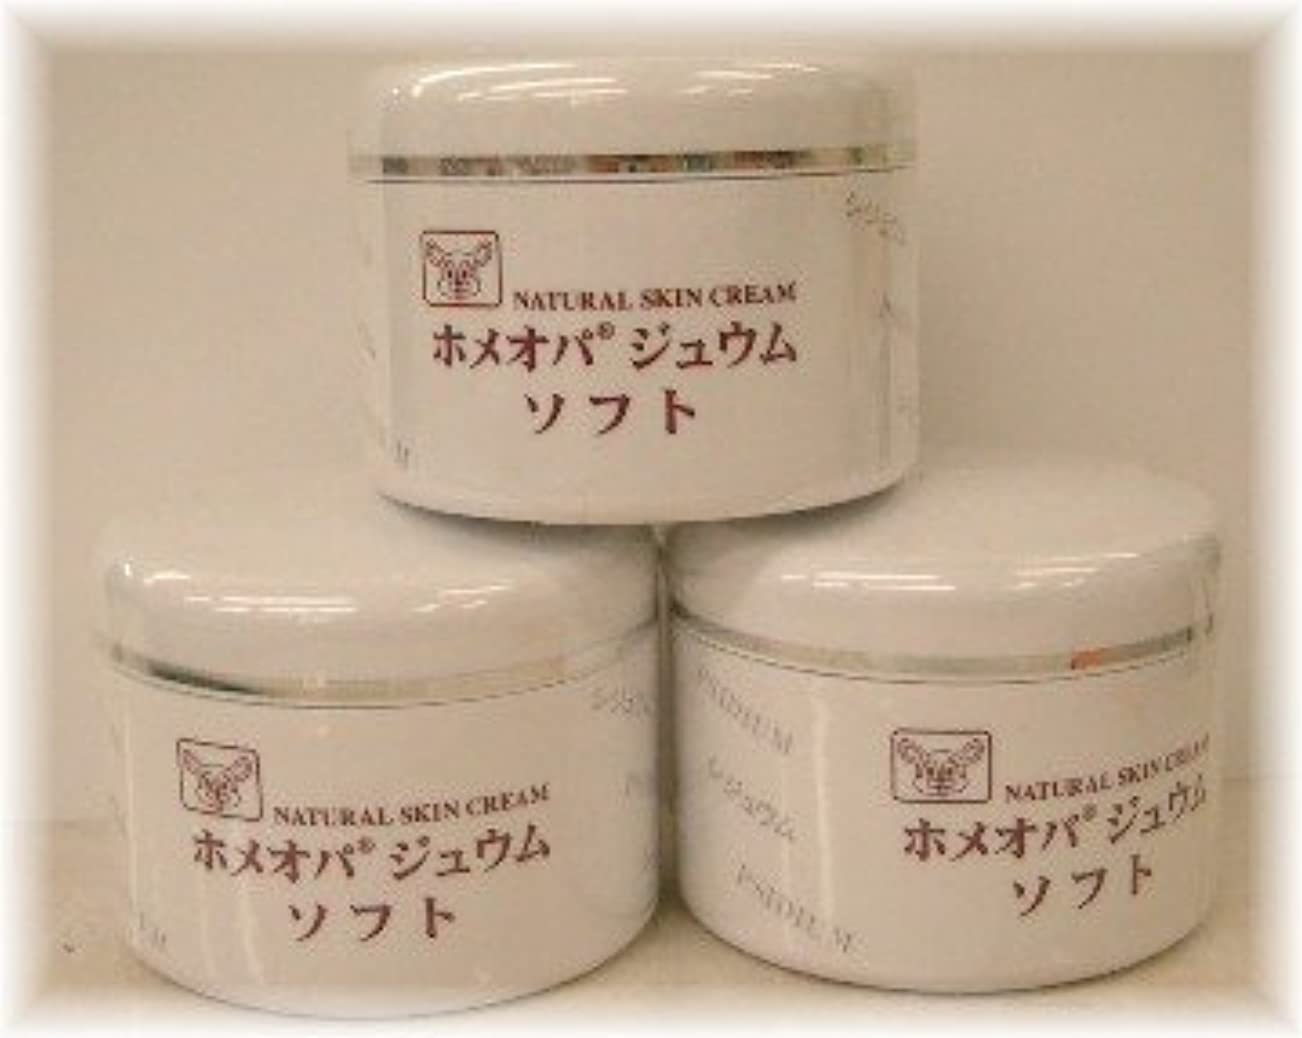 インスタンス構築する失望させるホメオパジュウム スキンケア商品3点¥10500クリームソフトx3個